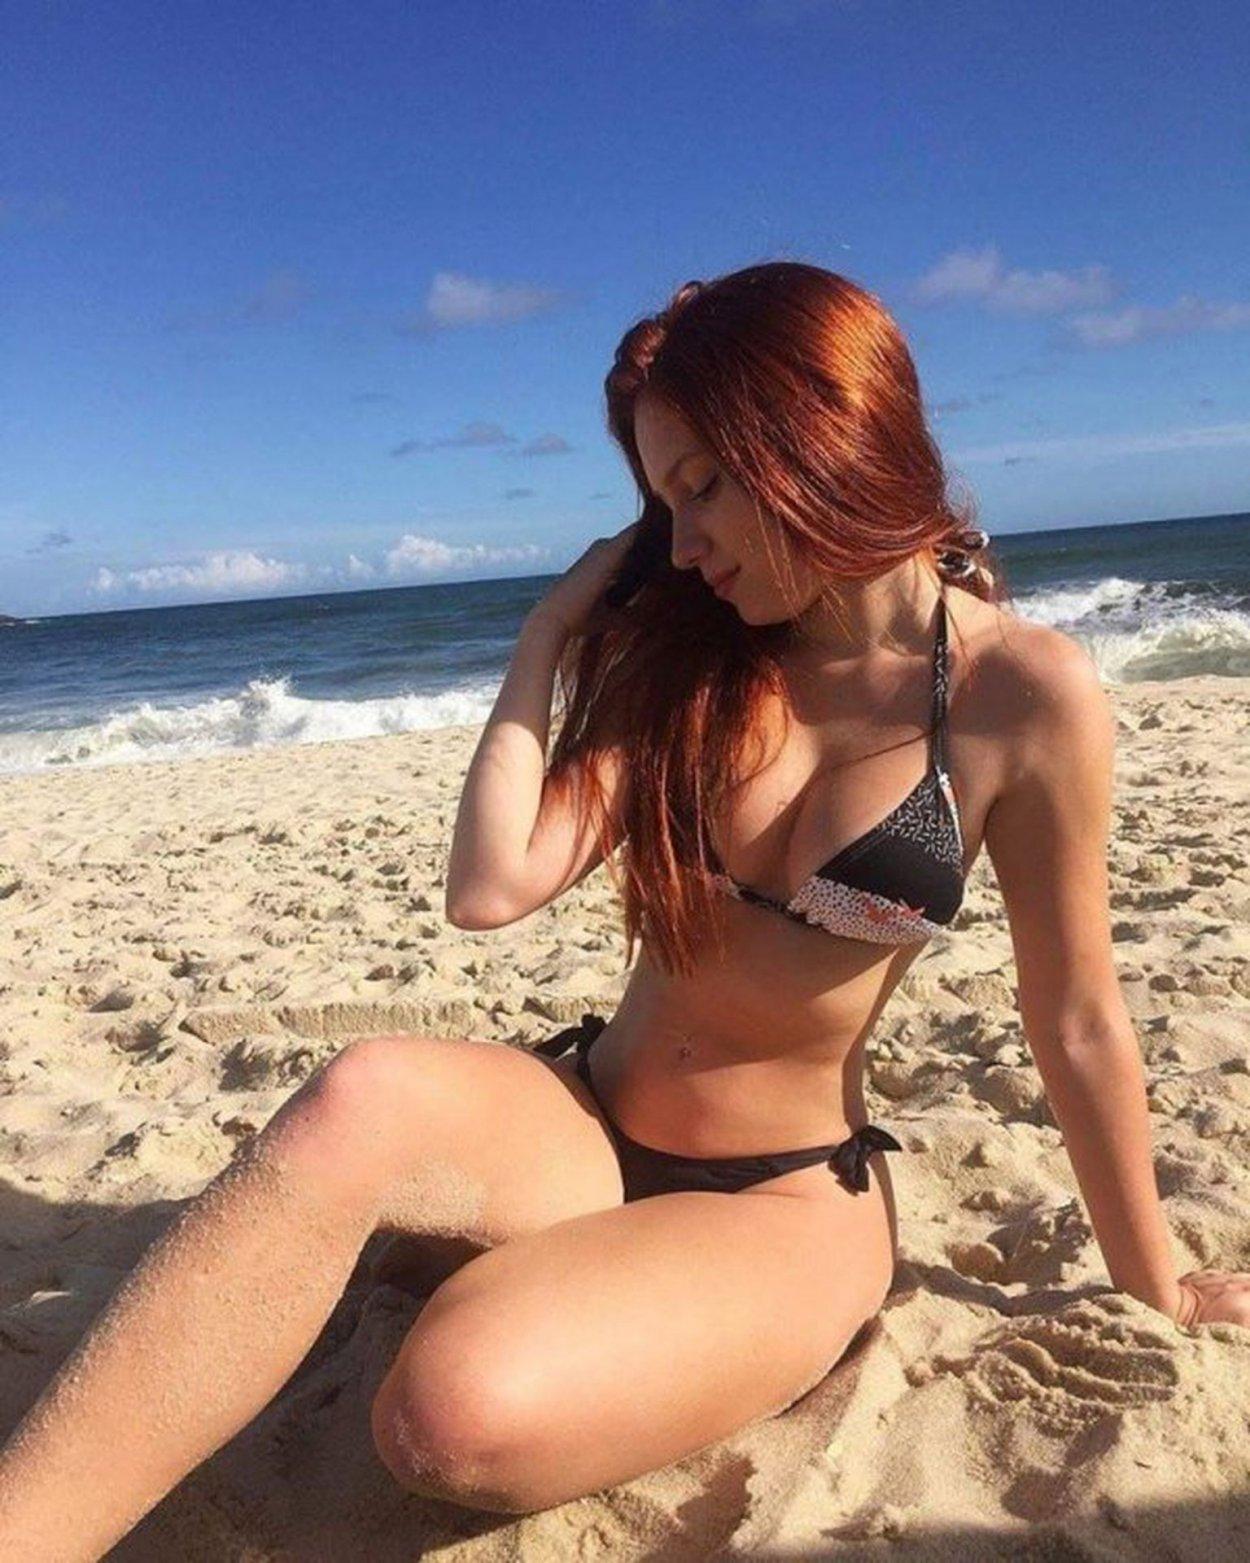 Красивые рыжие девушки в купальниках: жаркие фото 9